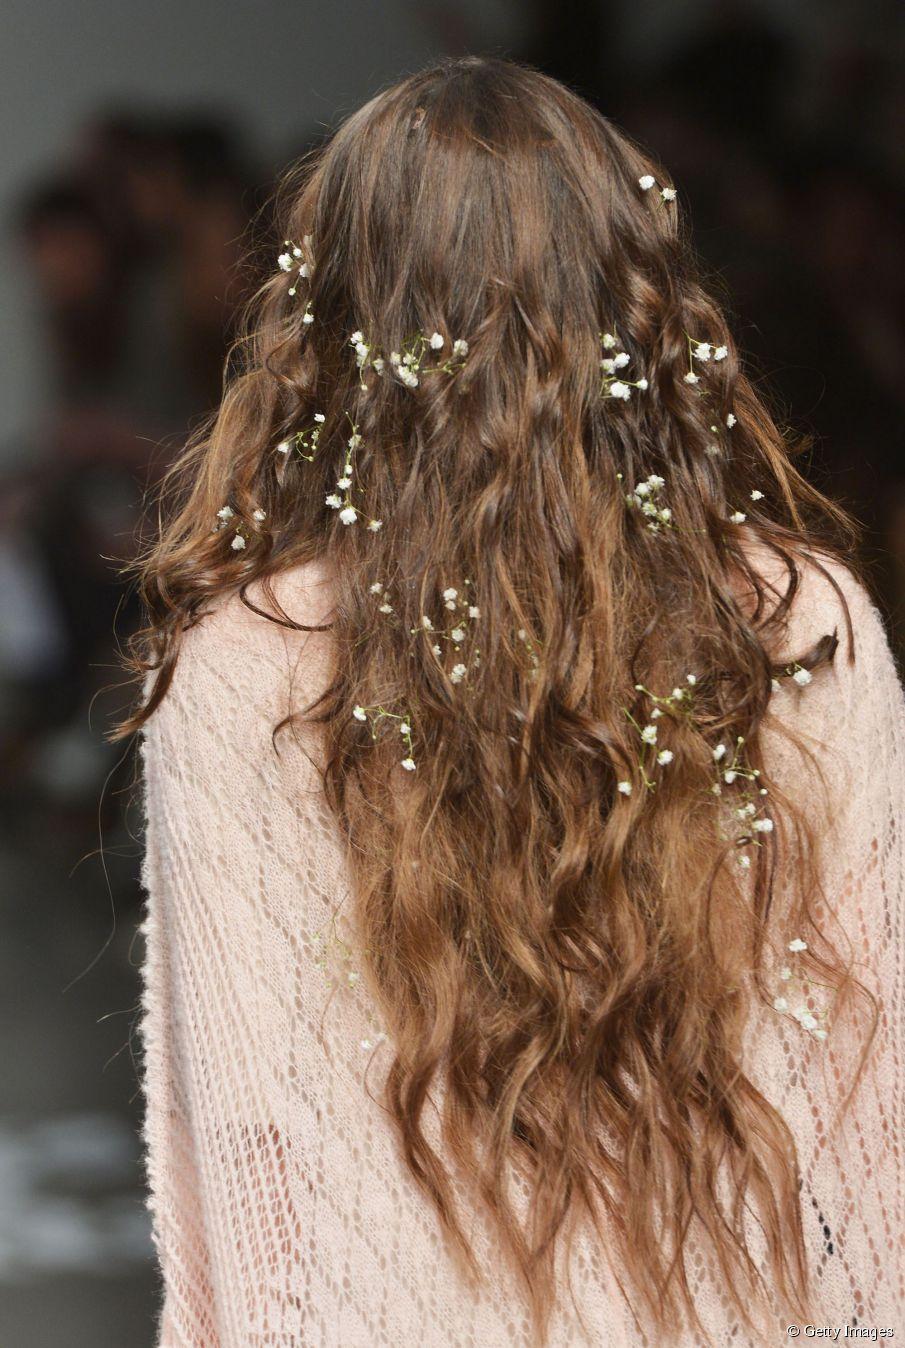 Hairstyle Hack: Der schnellste Weg, texturierte Wellen zu bekommen